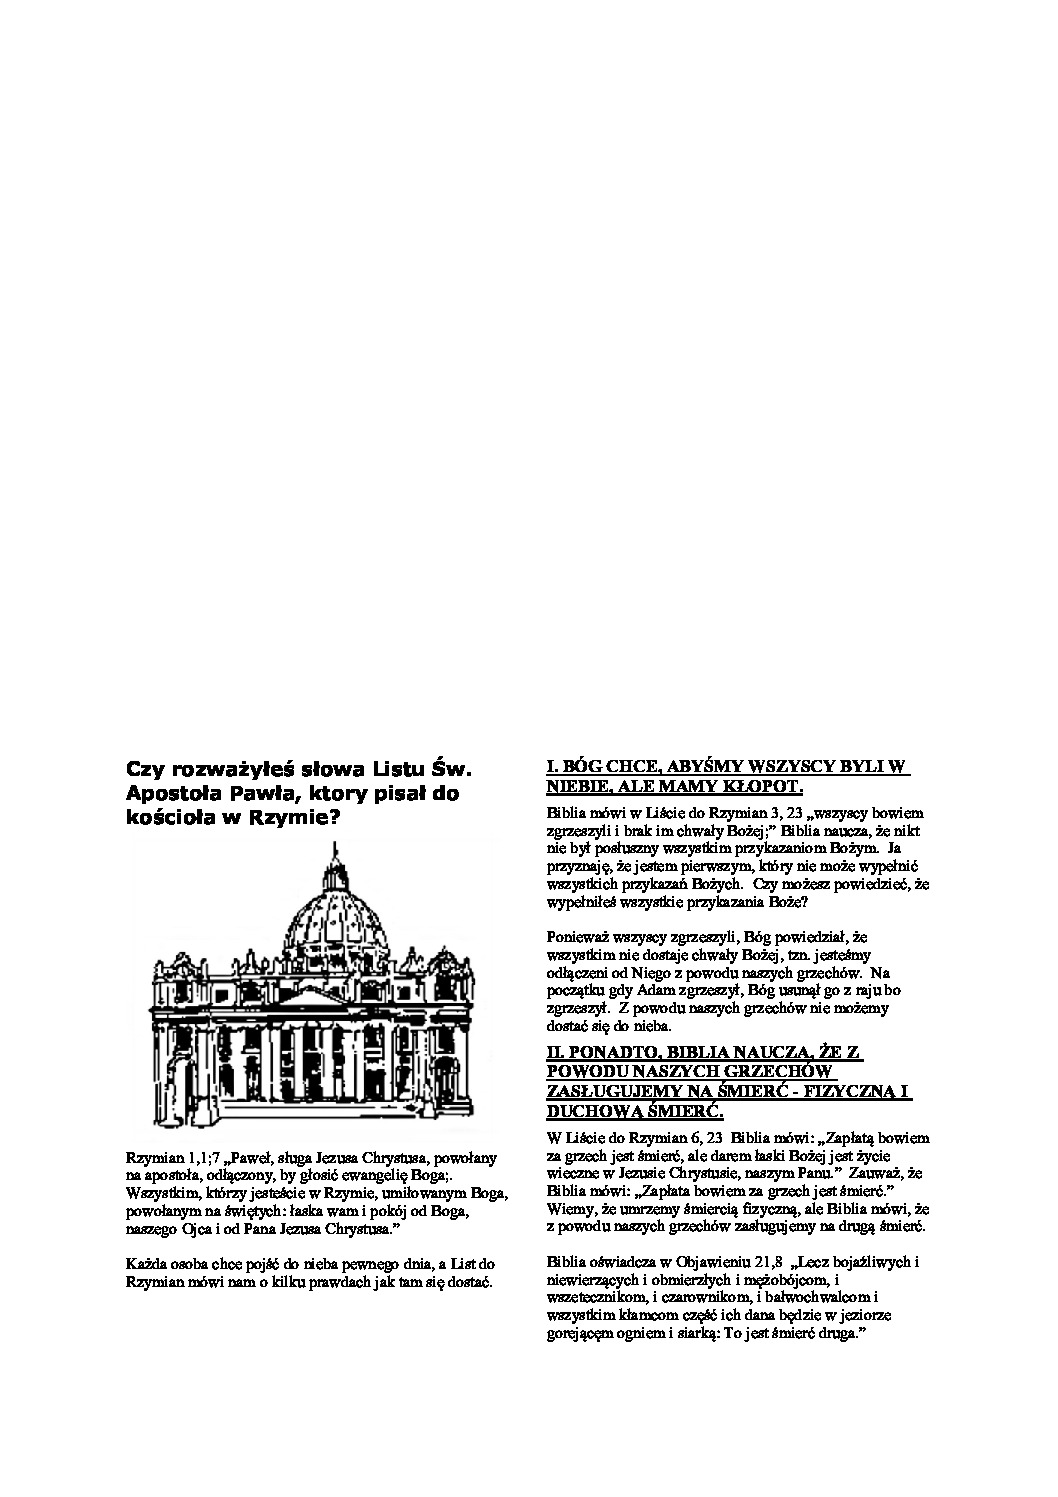 thumbnail of Czy rozważyłeś słowa Listu Św. Apostoła Pawła, ktory pisał do kościoła w Rzymie